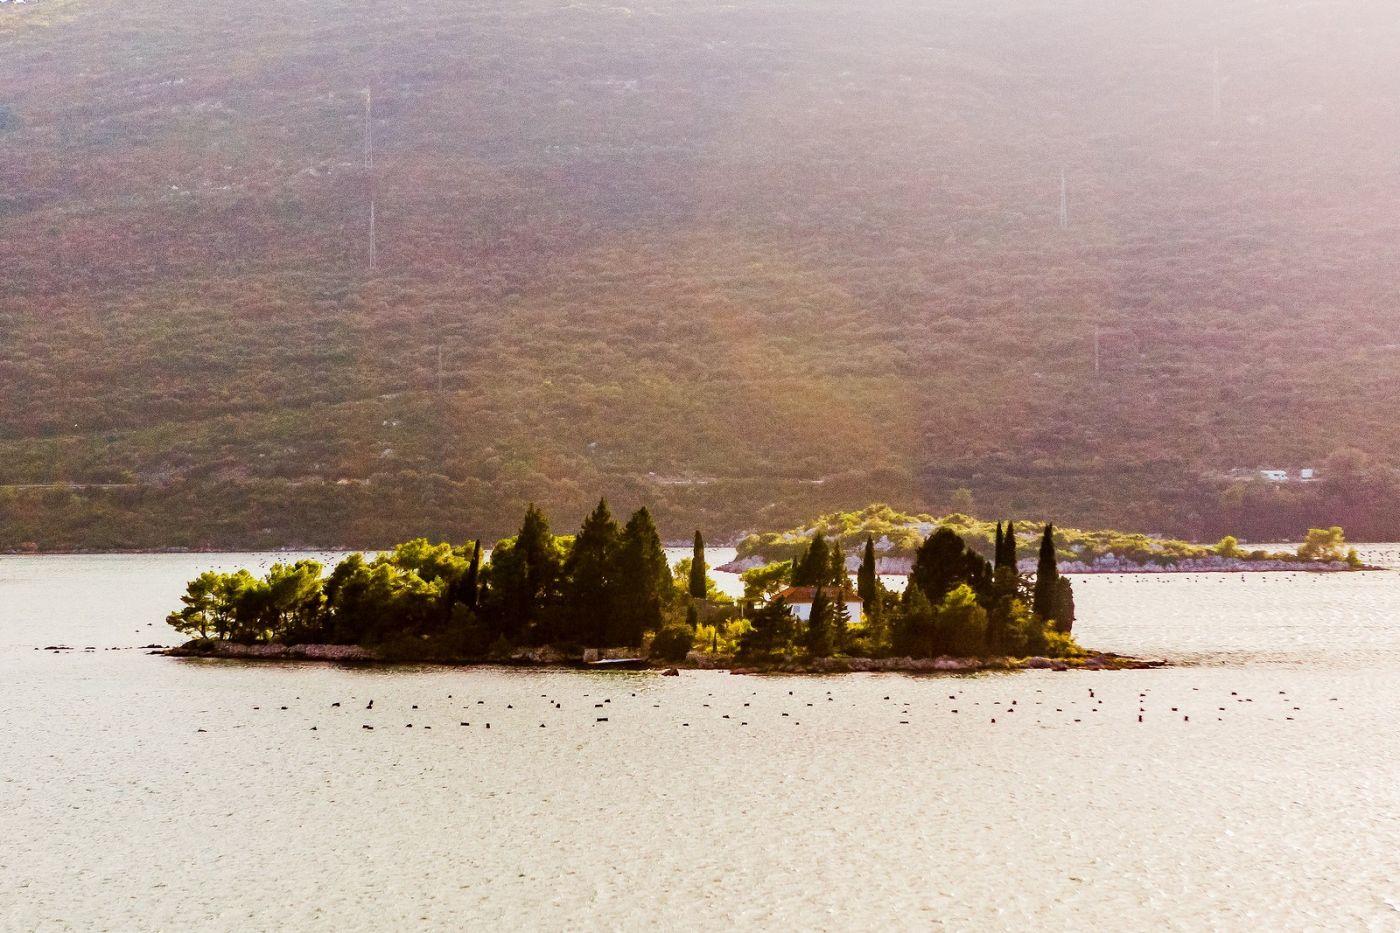 克罗地亚旅途,海岸线景色_图1-17